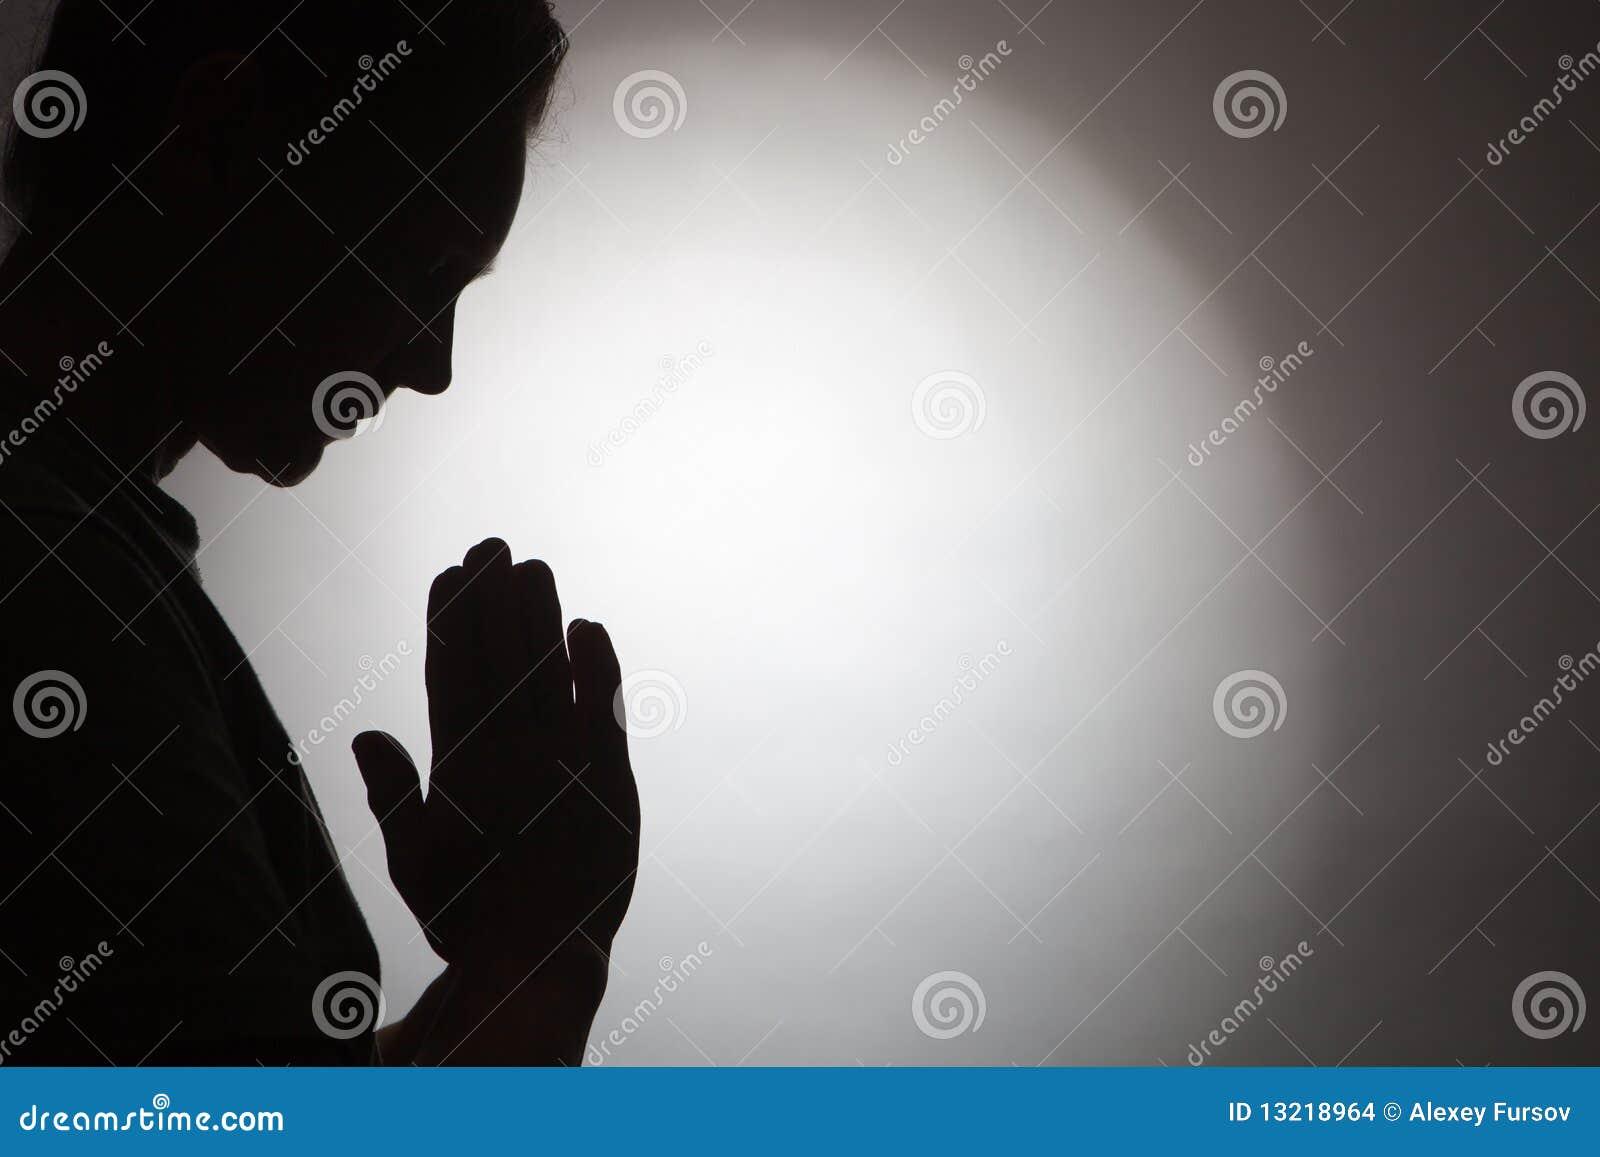 黑人祈祷的剪影妇女.